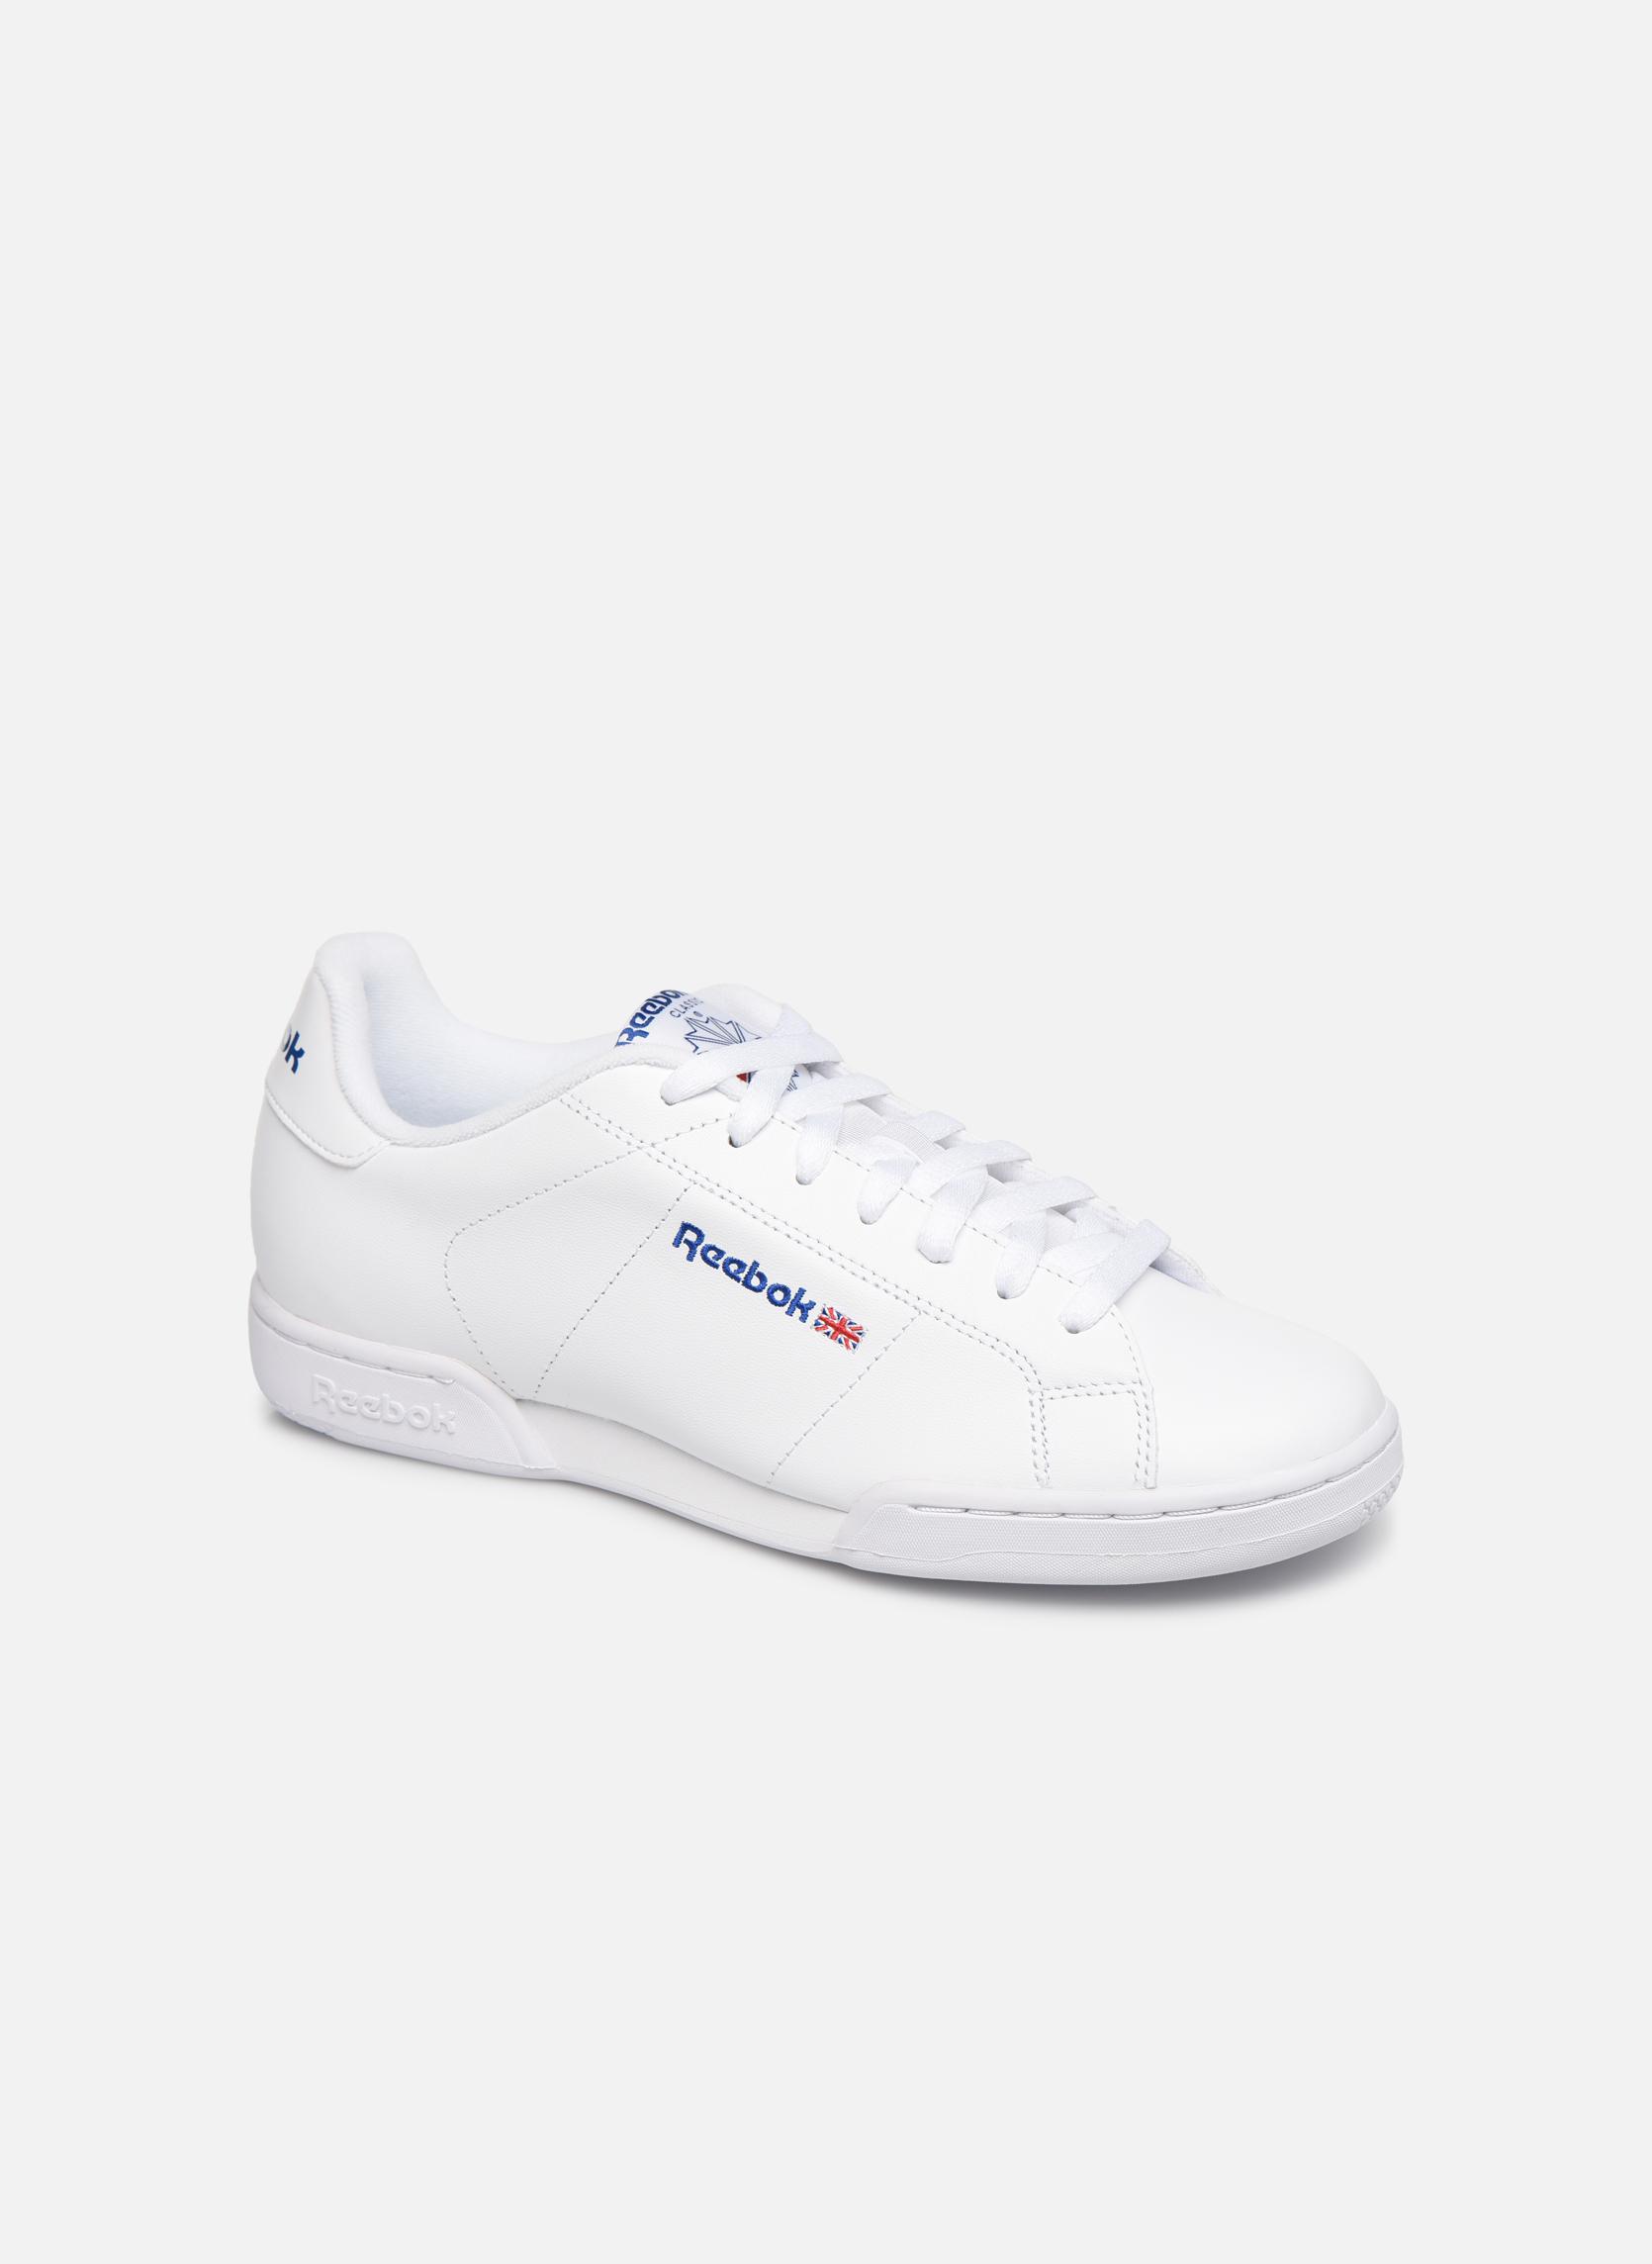 Npc II White/white